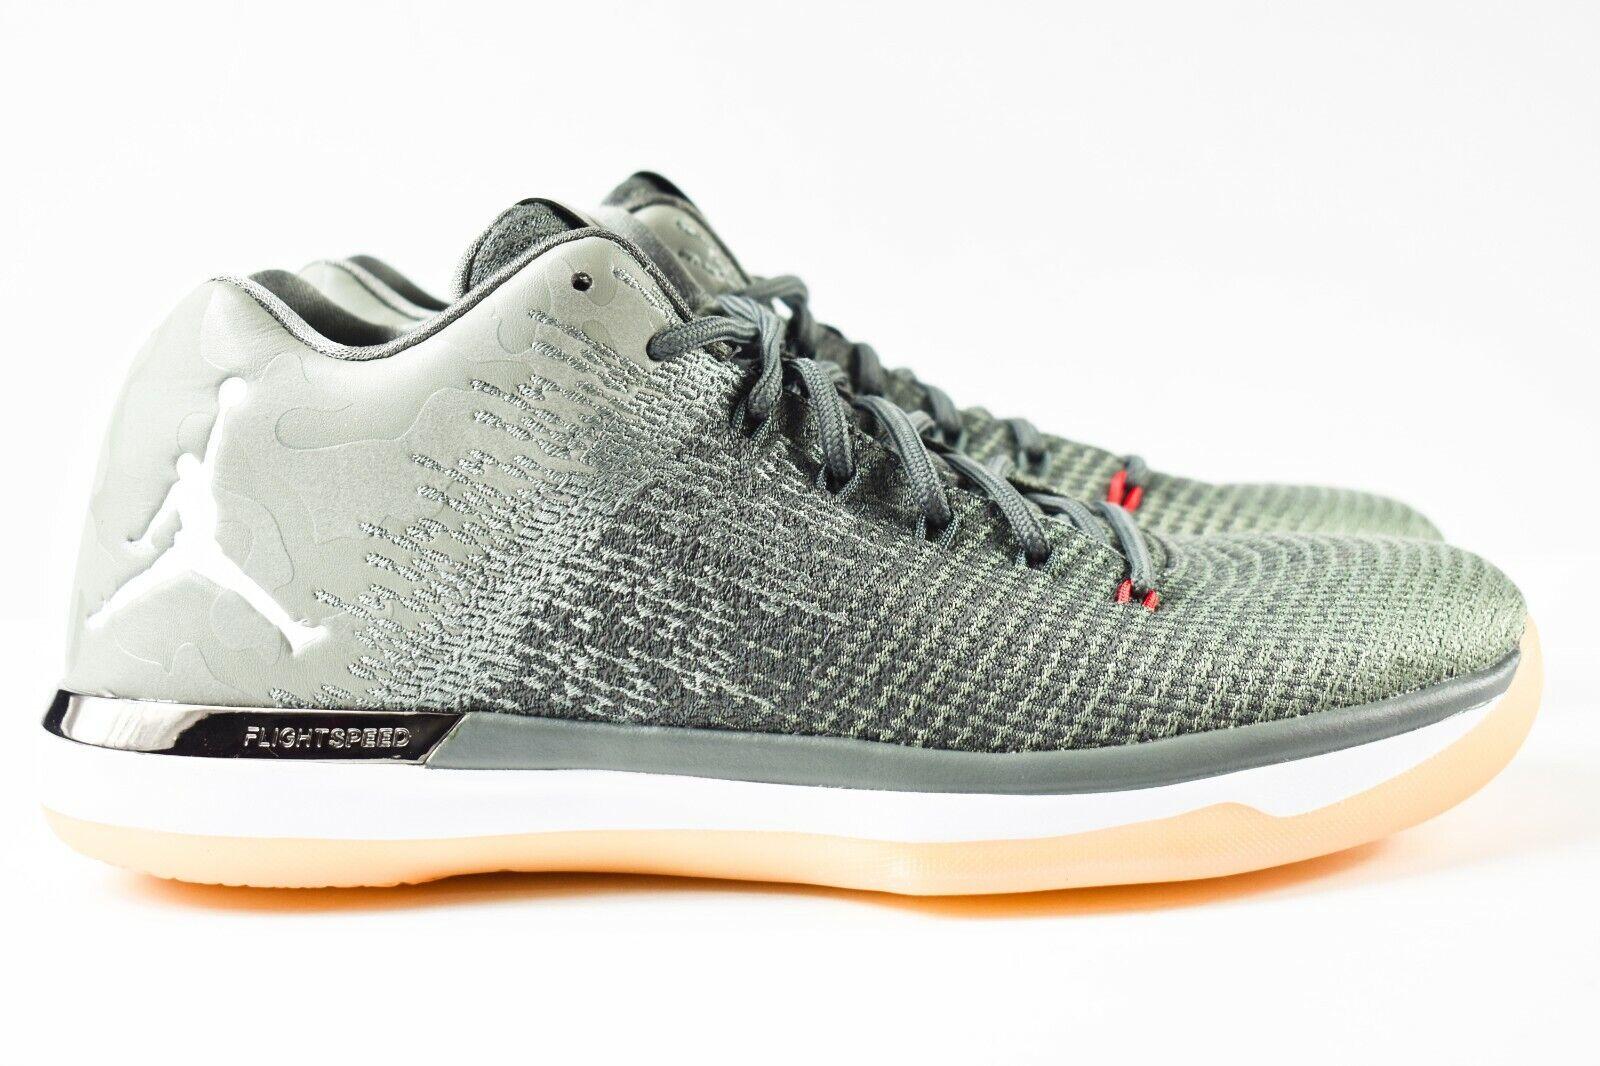 Nike Air Jordan XXXI 31 Low Marquette